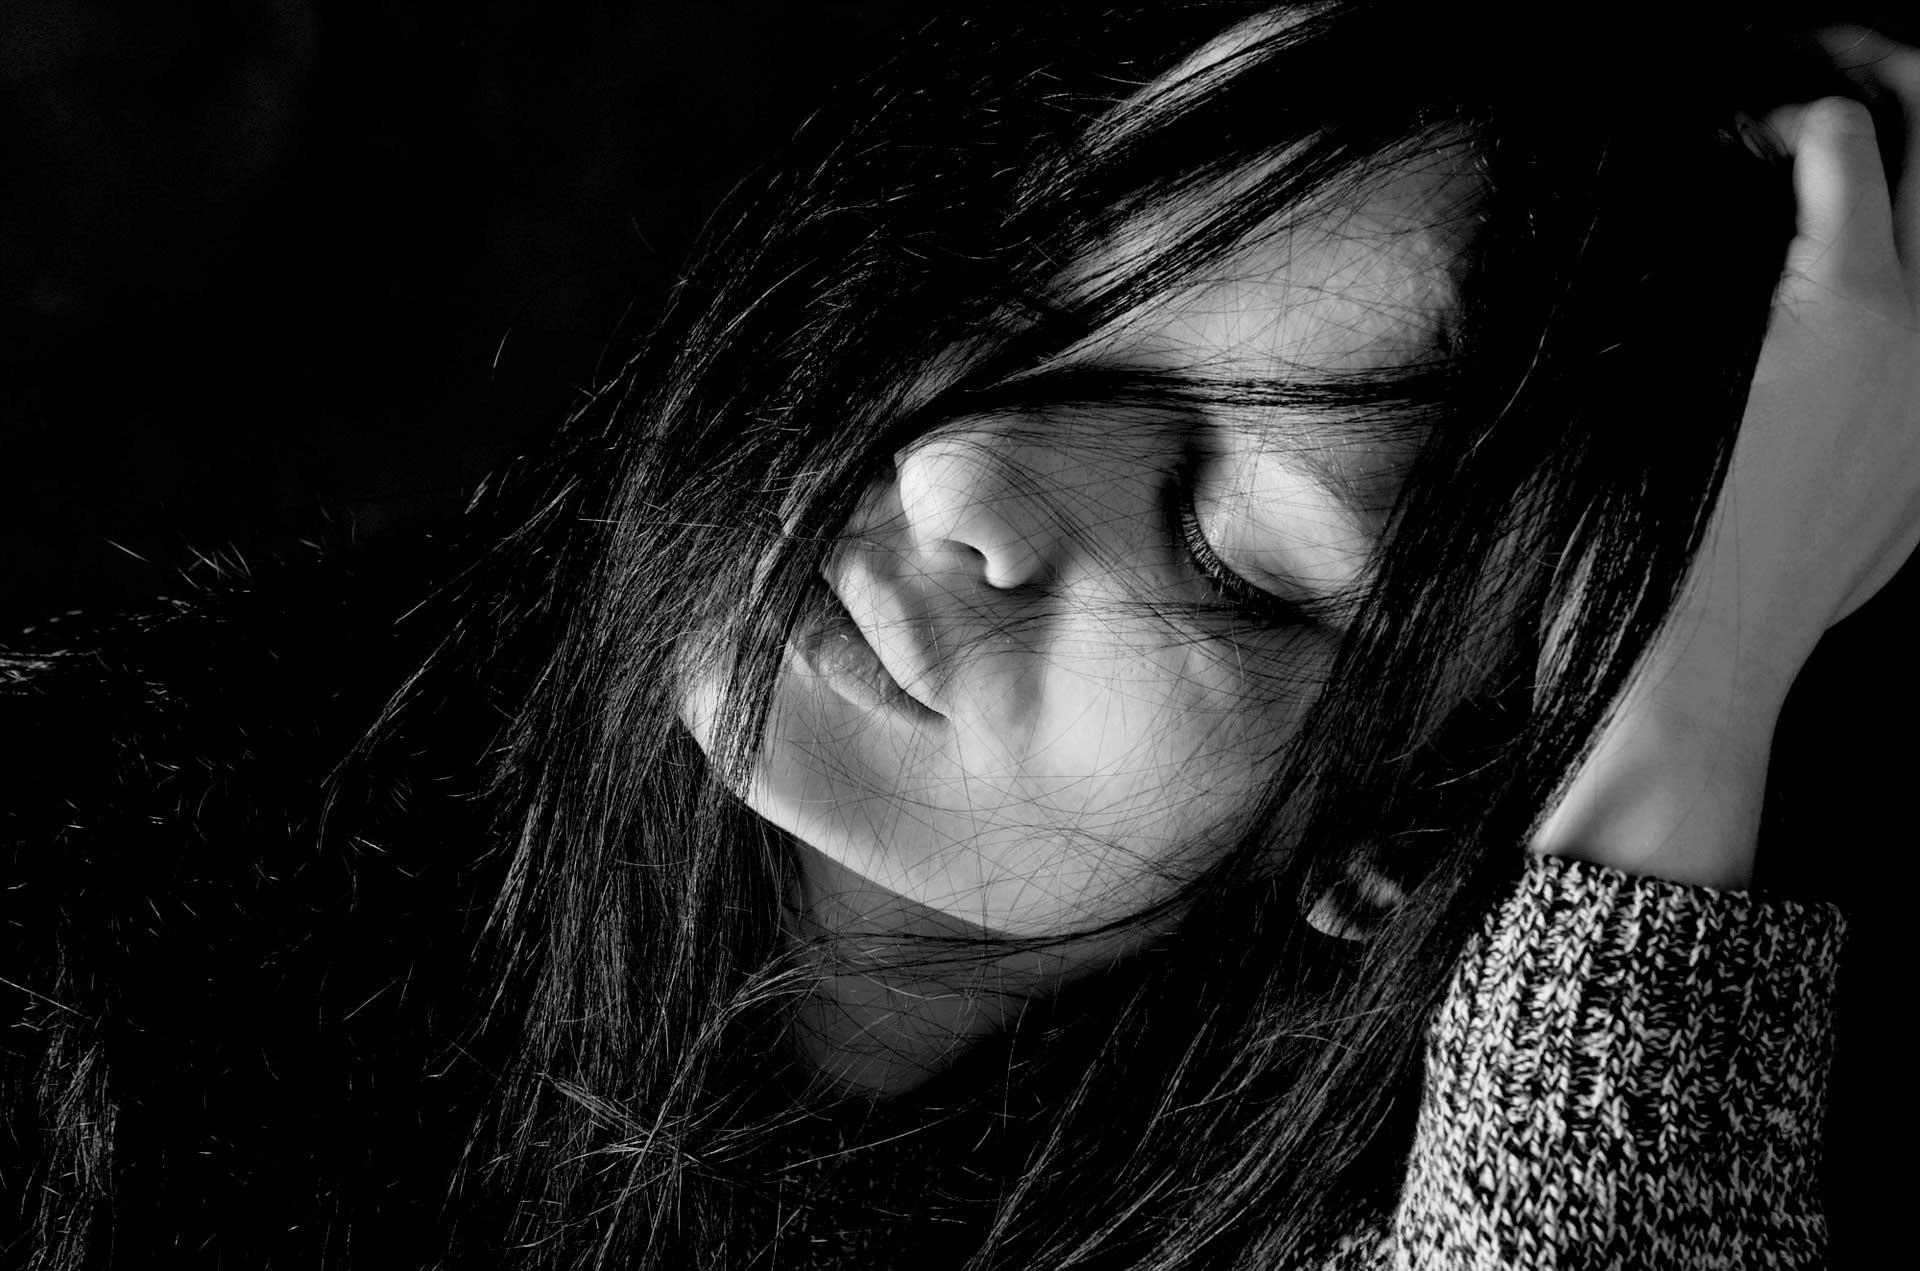 بالصور اجمل الصور الحزينة للبنات , الحزن وتاثيره على البنات 1601 8